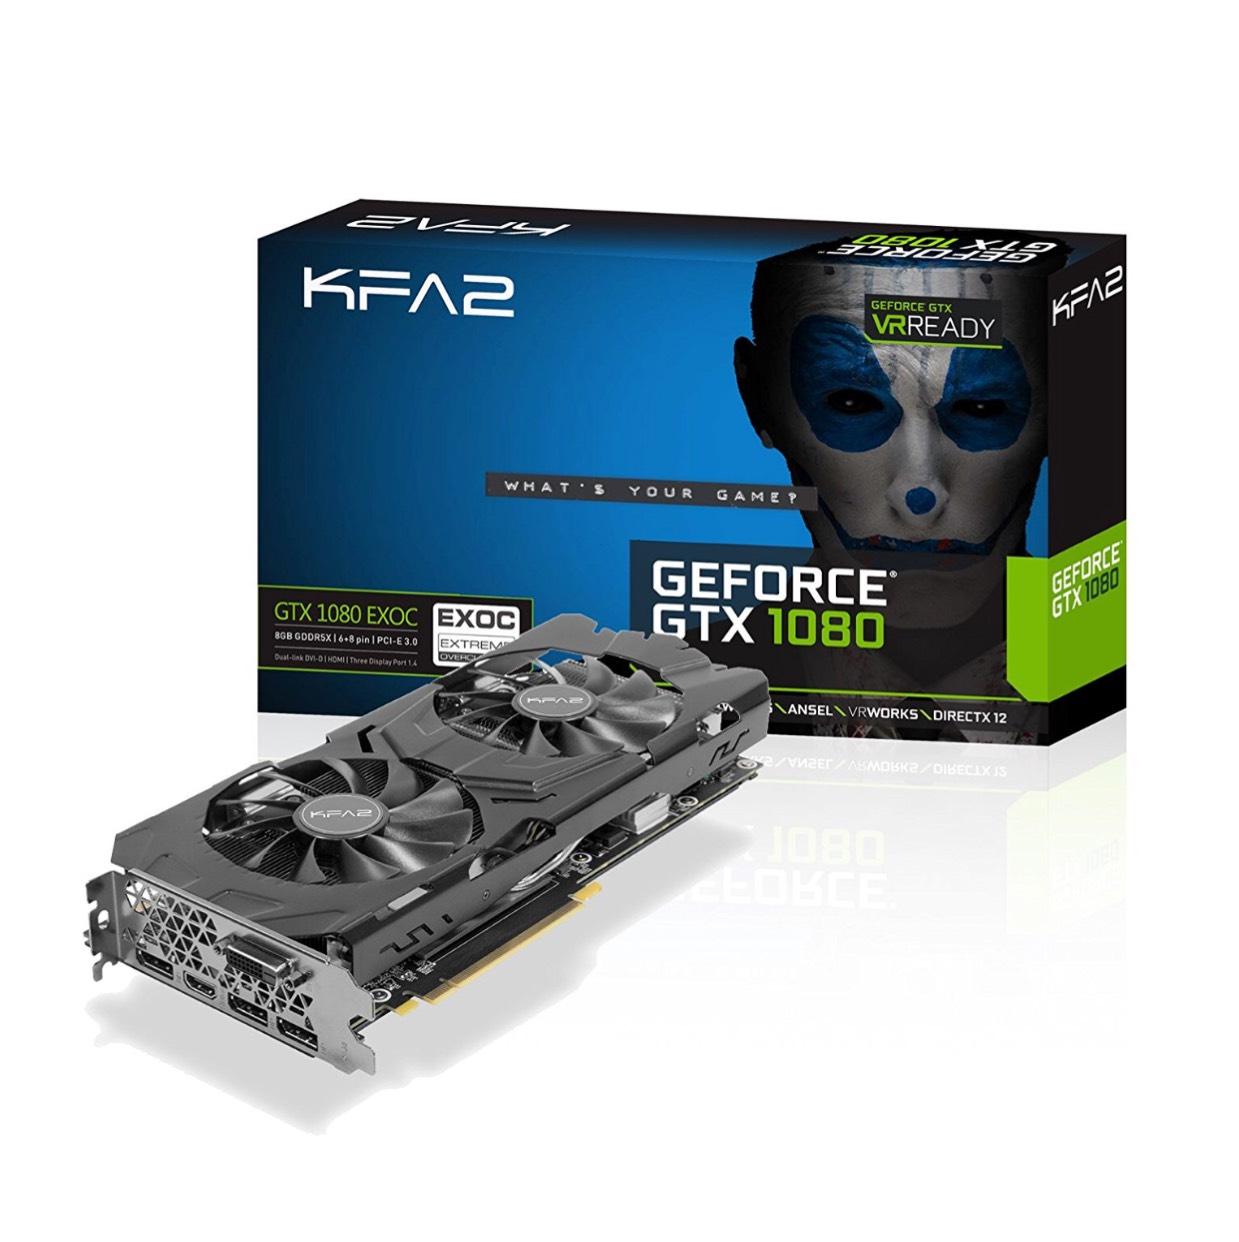 [Amazon.fr]KFA2 GeForce GTX 1080 EXOC 8gb